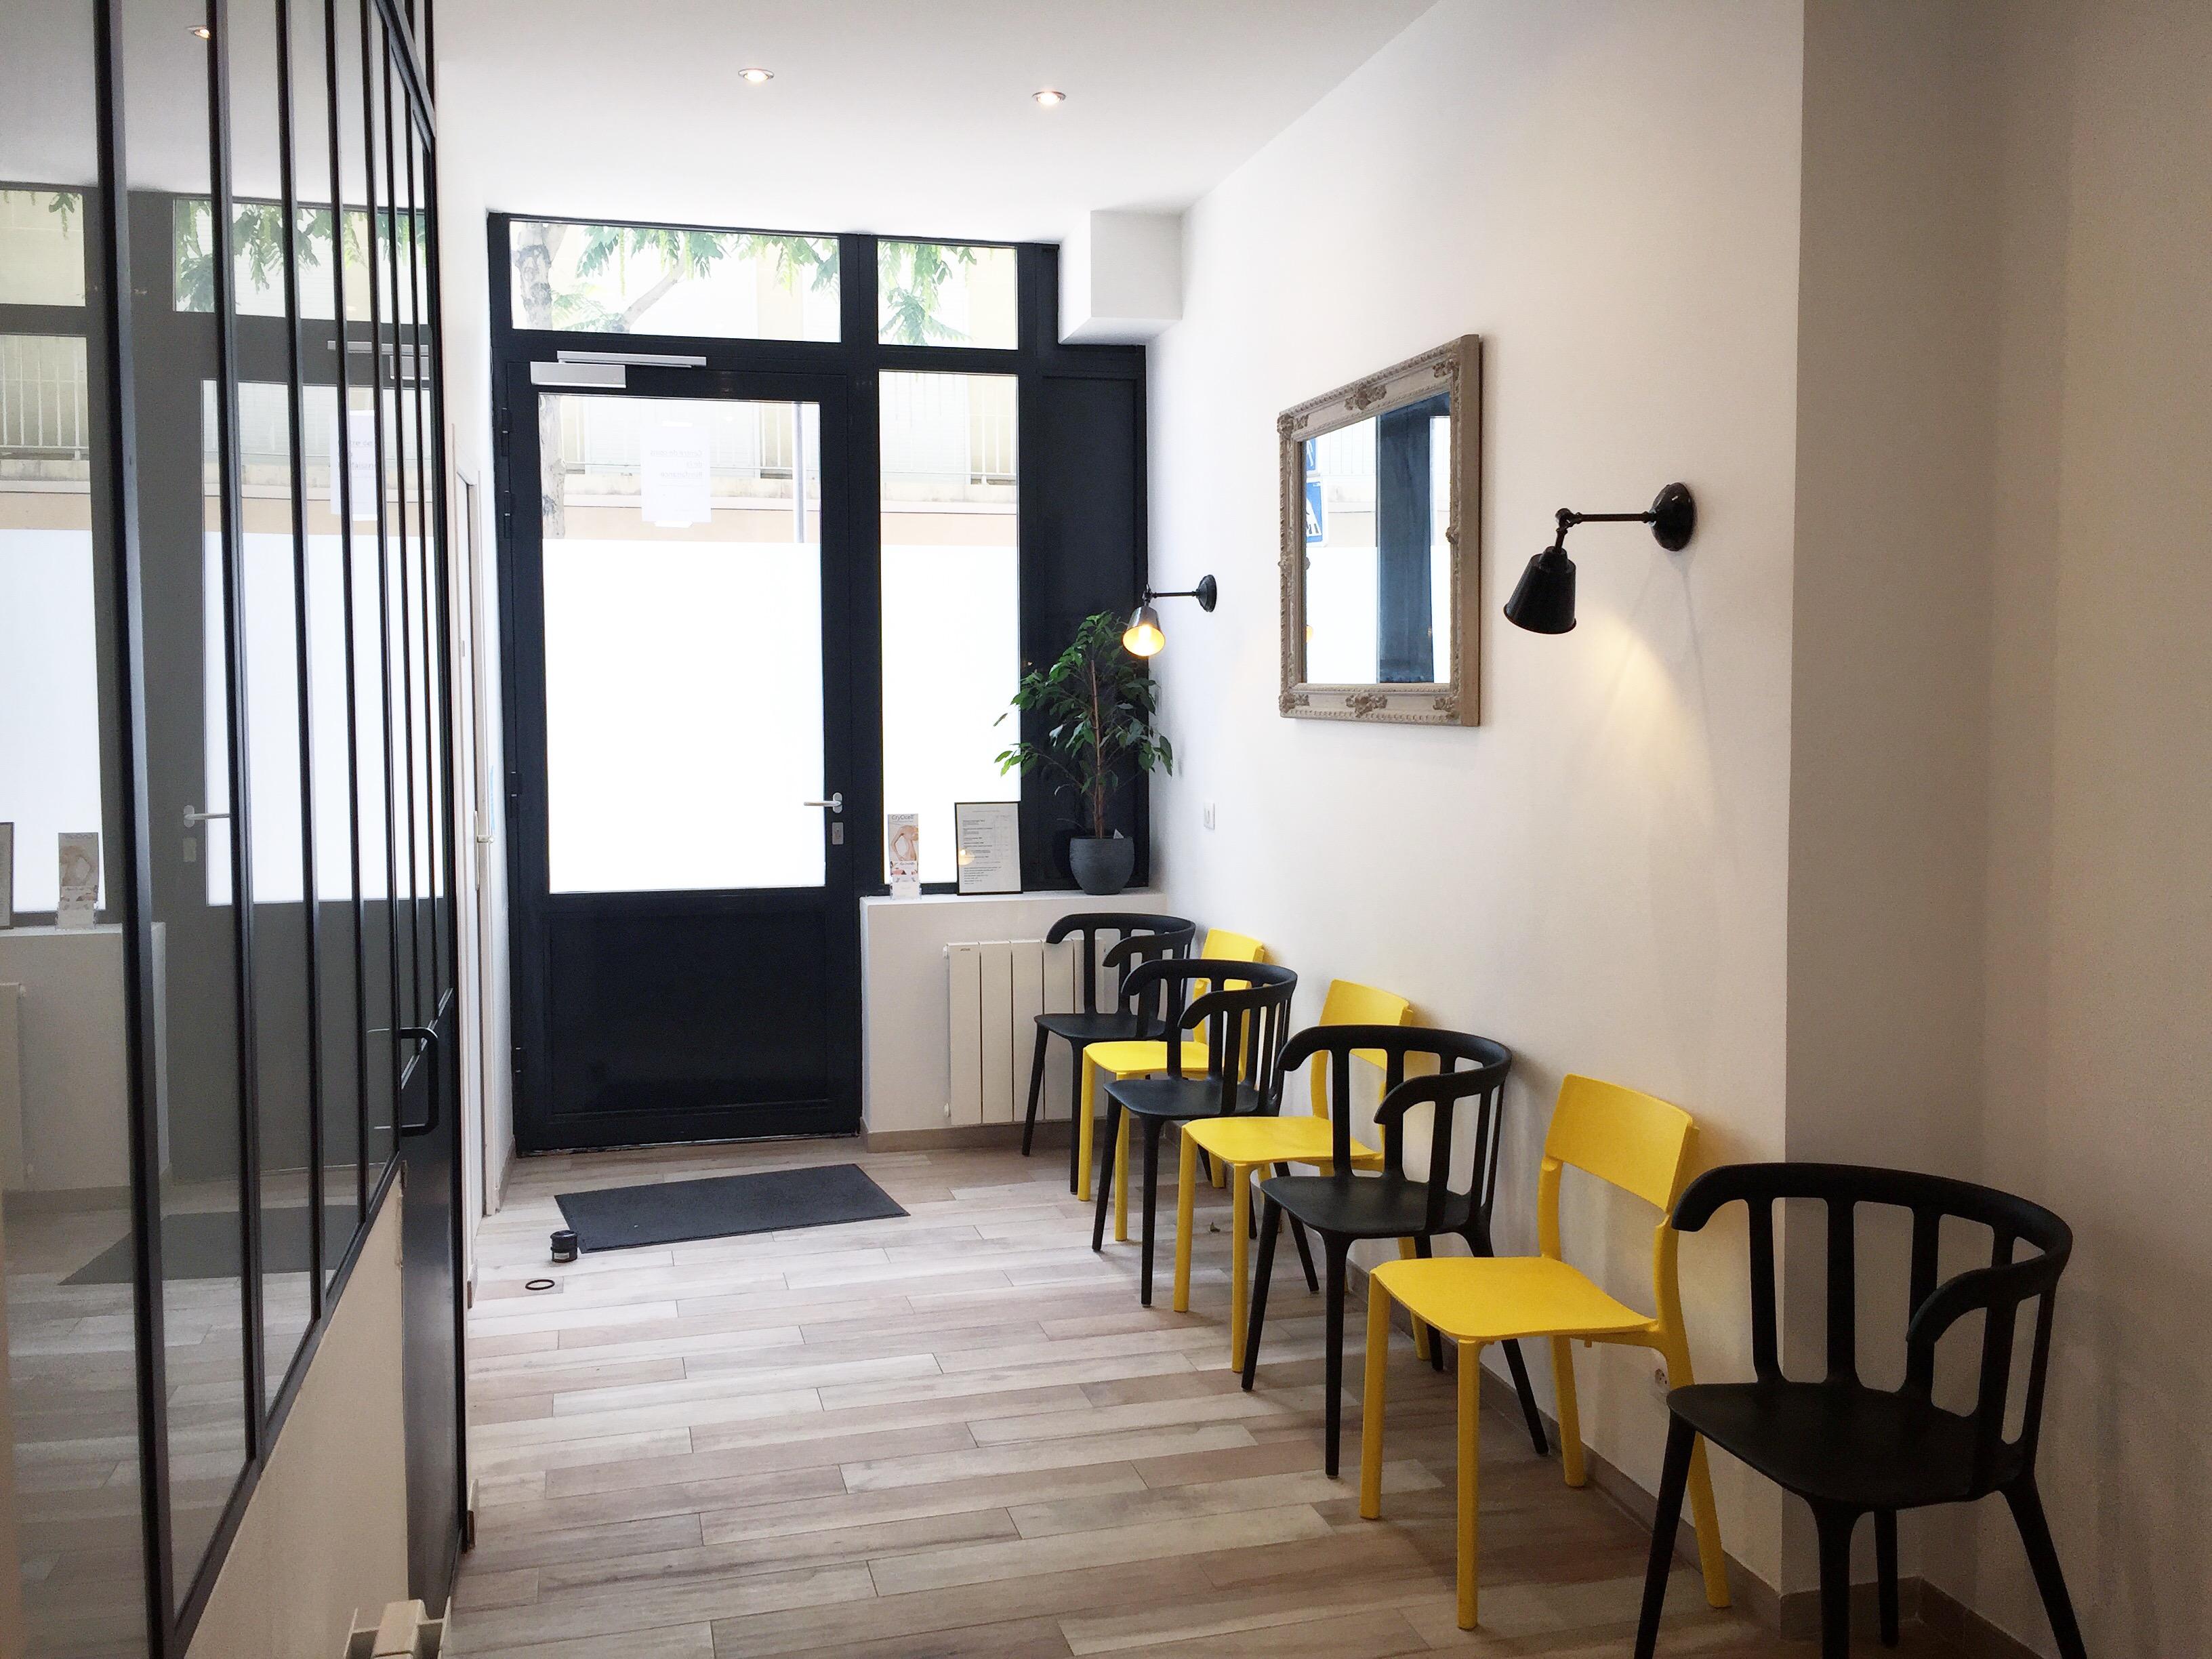 Cabinet d'hypnose - Elsa Couteiller - Vincennes - salle d'attente - elsacouteiller.com